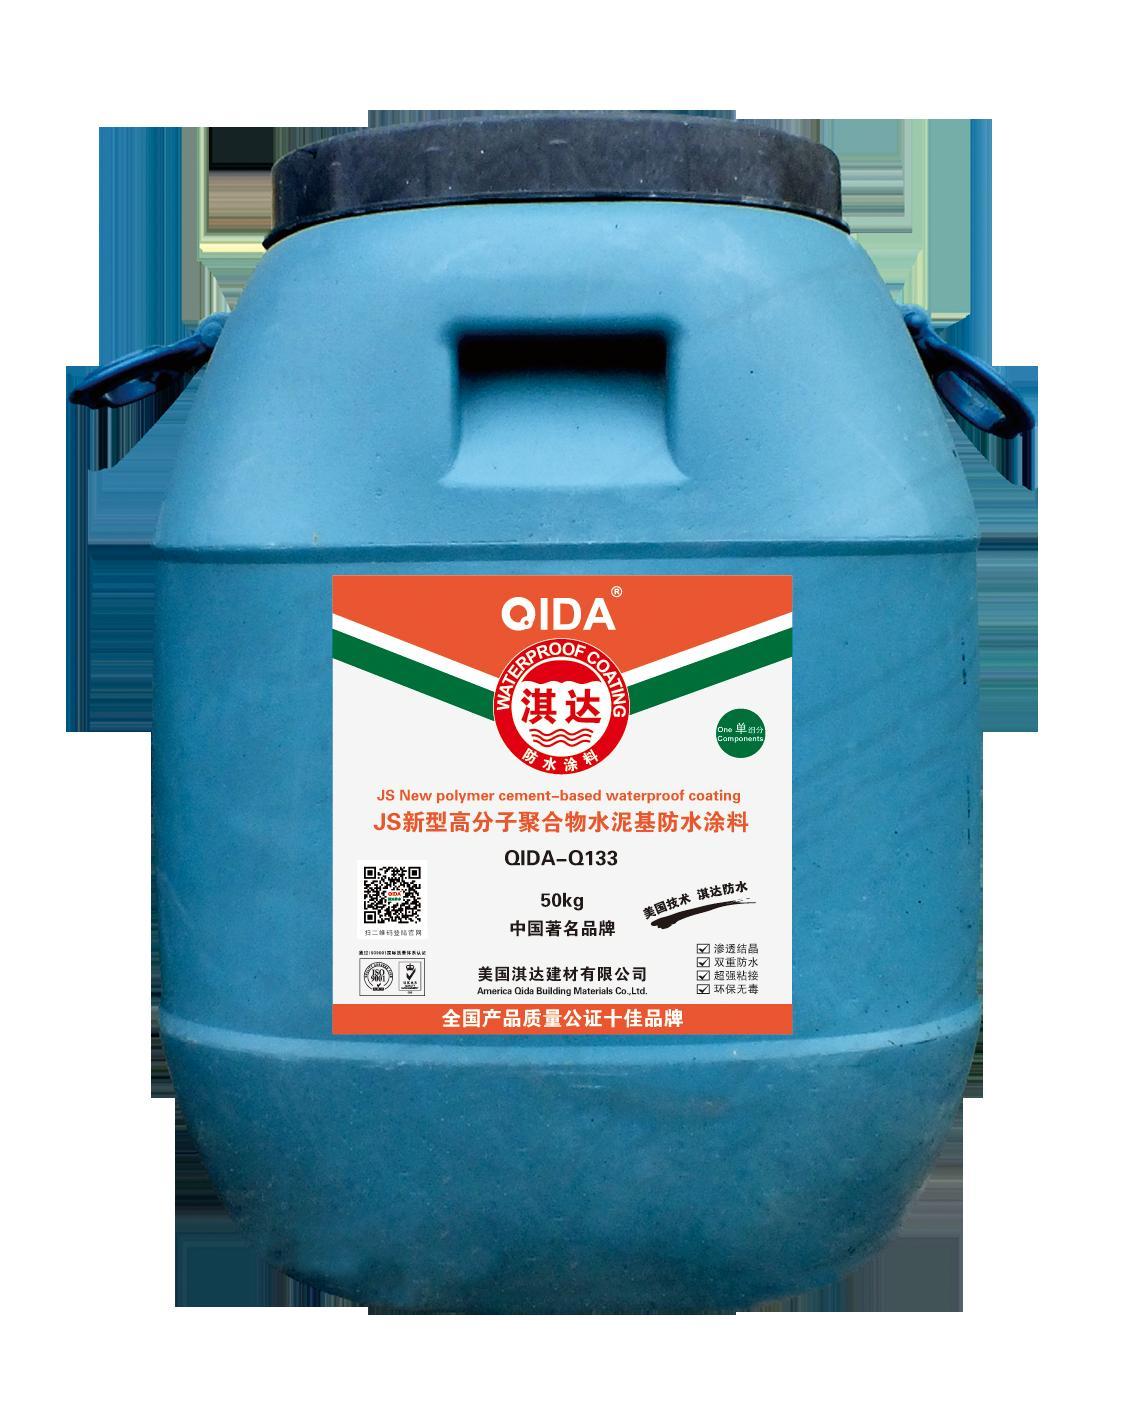 供应JS聚合物水泥基防水厂家直销全国各